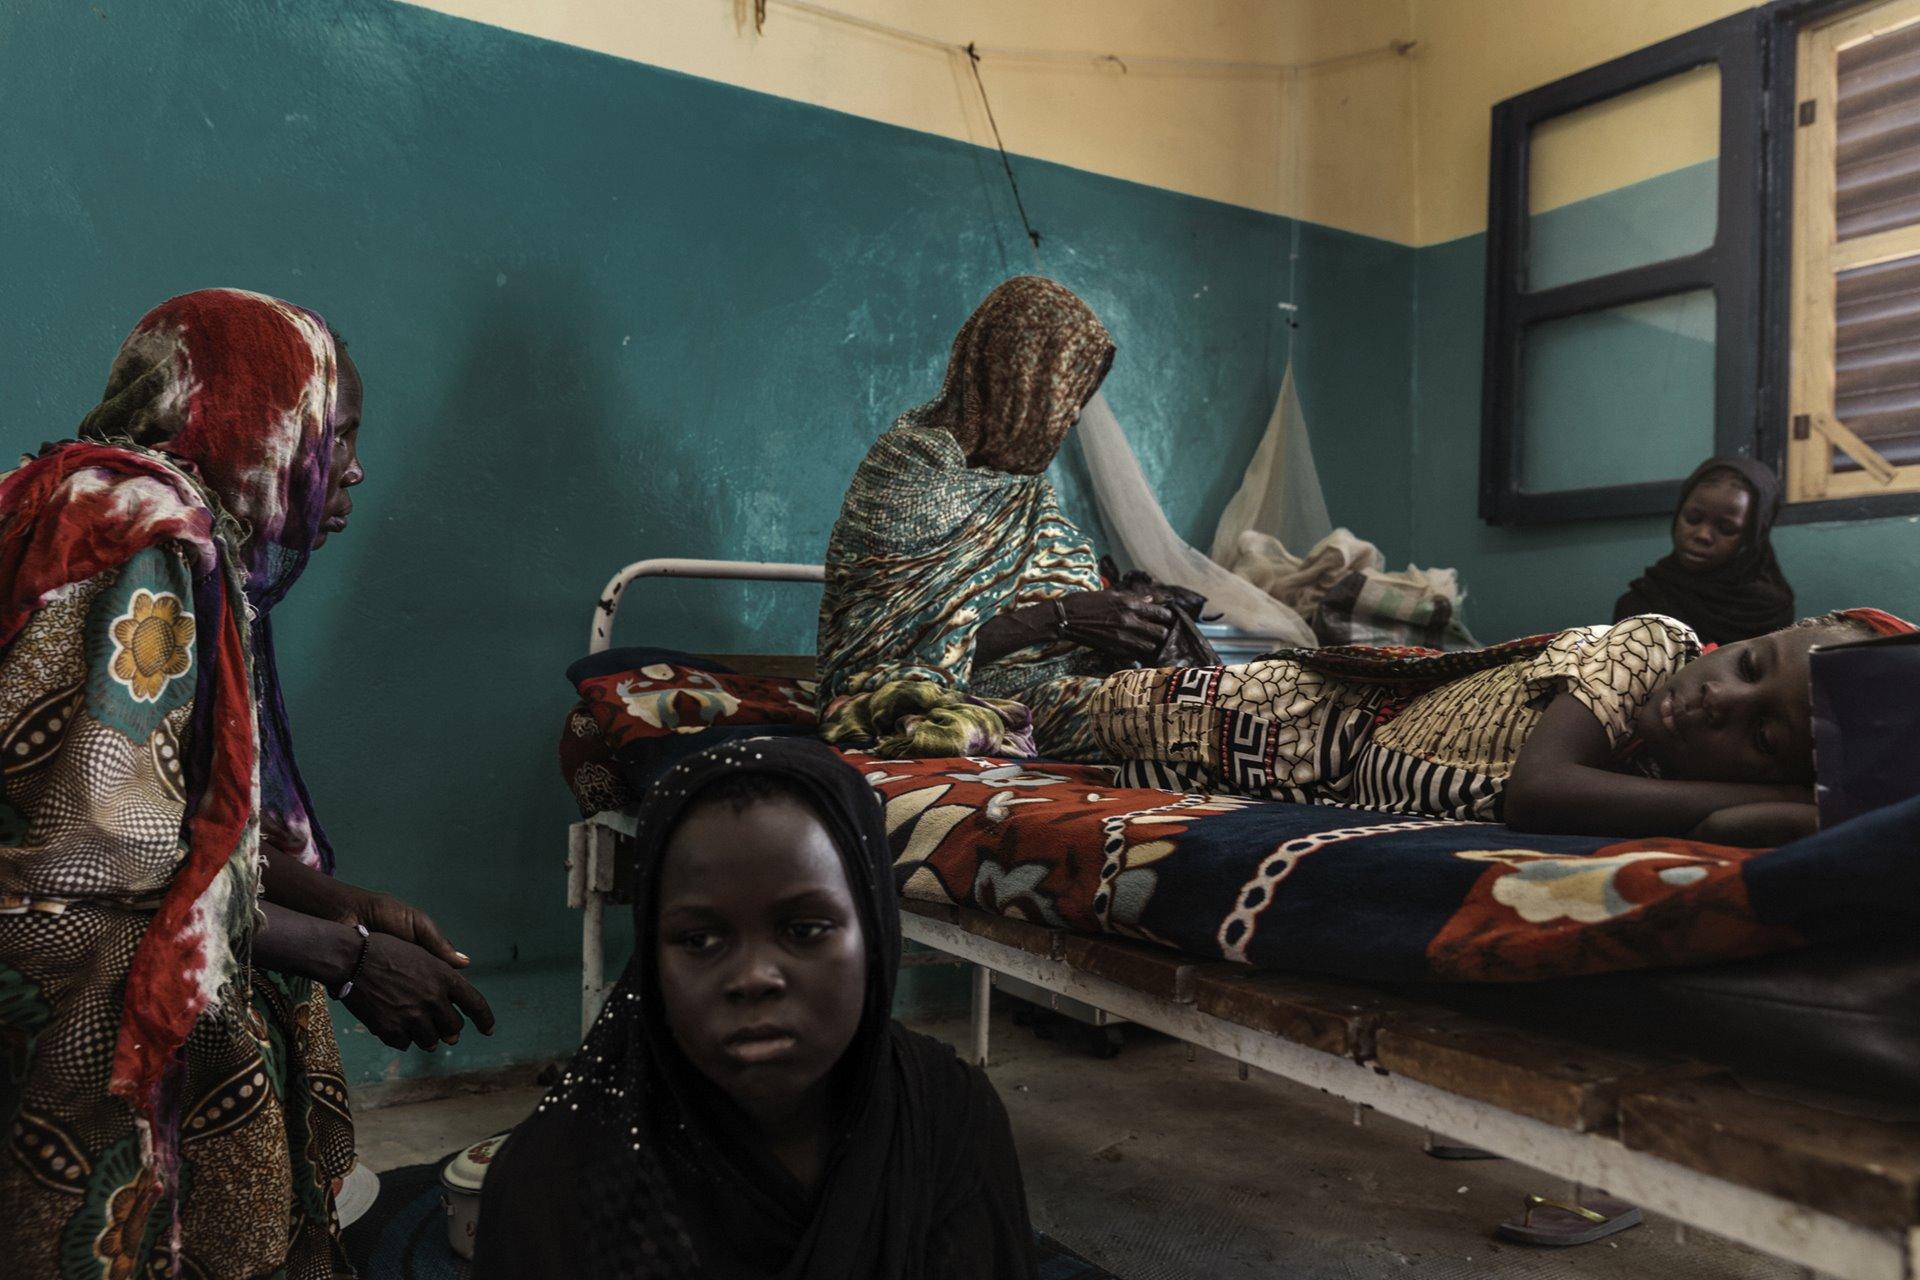 Una crisis humanitaria está en curso en la Cuenca de Chad, causada por una compleja combinación de conflicto político y factores ambientales. El lago Chad, que fue uno de los lagos más grandes de África y un salvavidas para 40 millones de personas, está sufriendo una desertificación masiva / Foto: Marco Gualazzini (Contrasto)